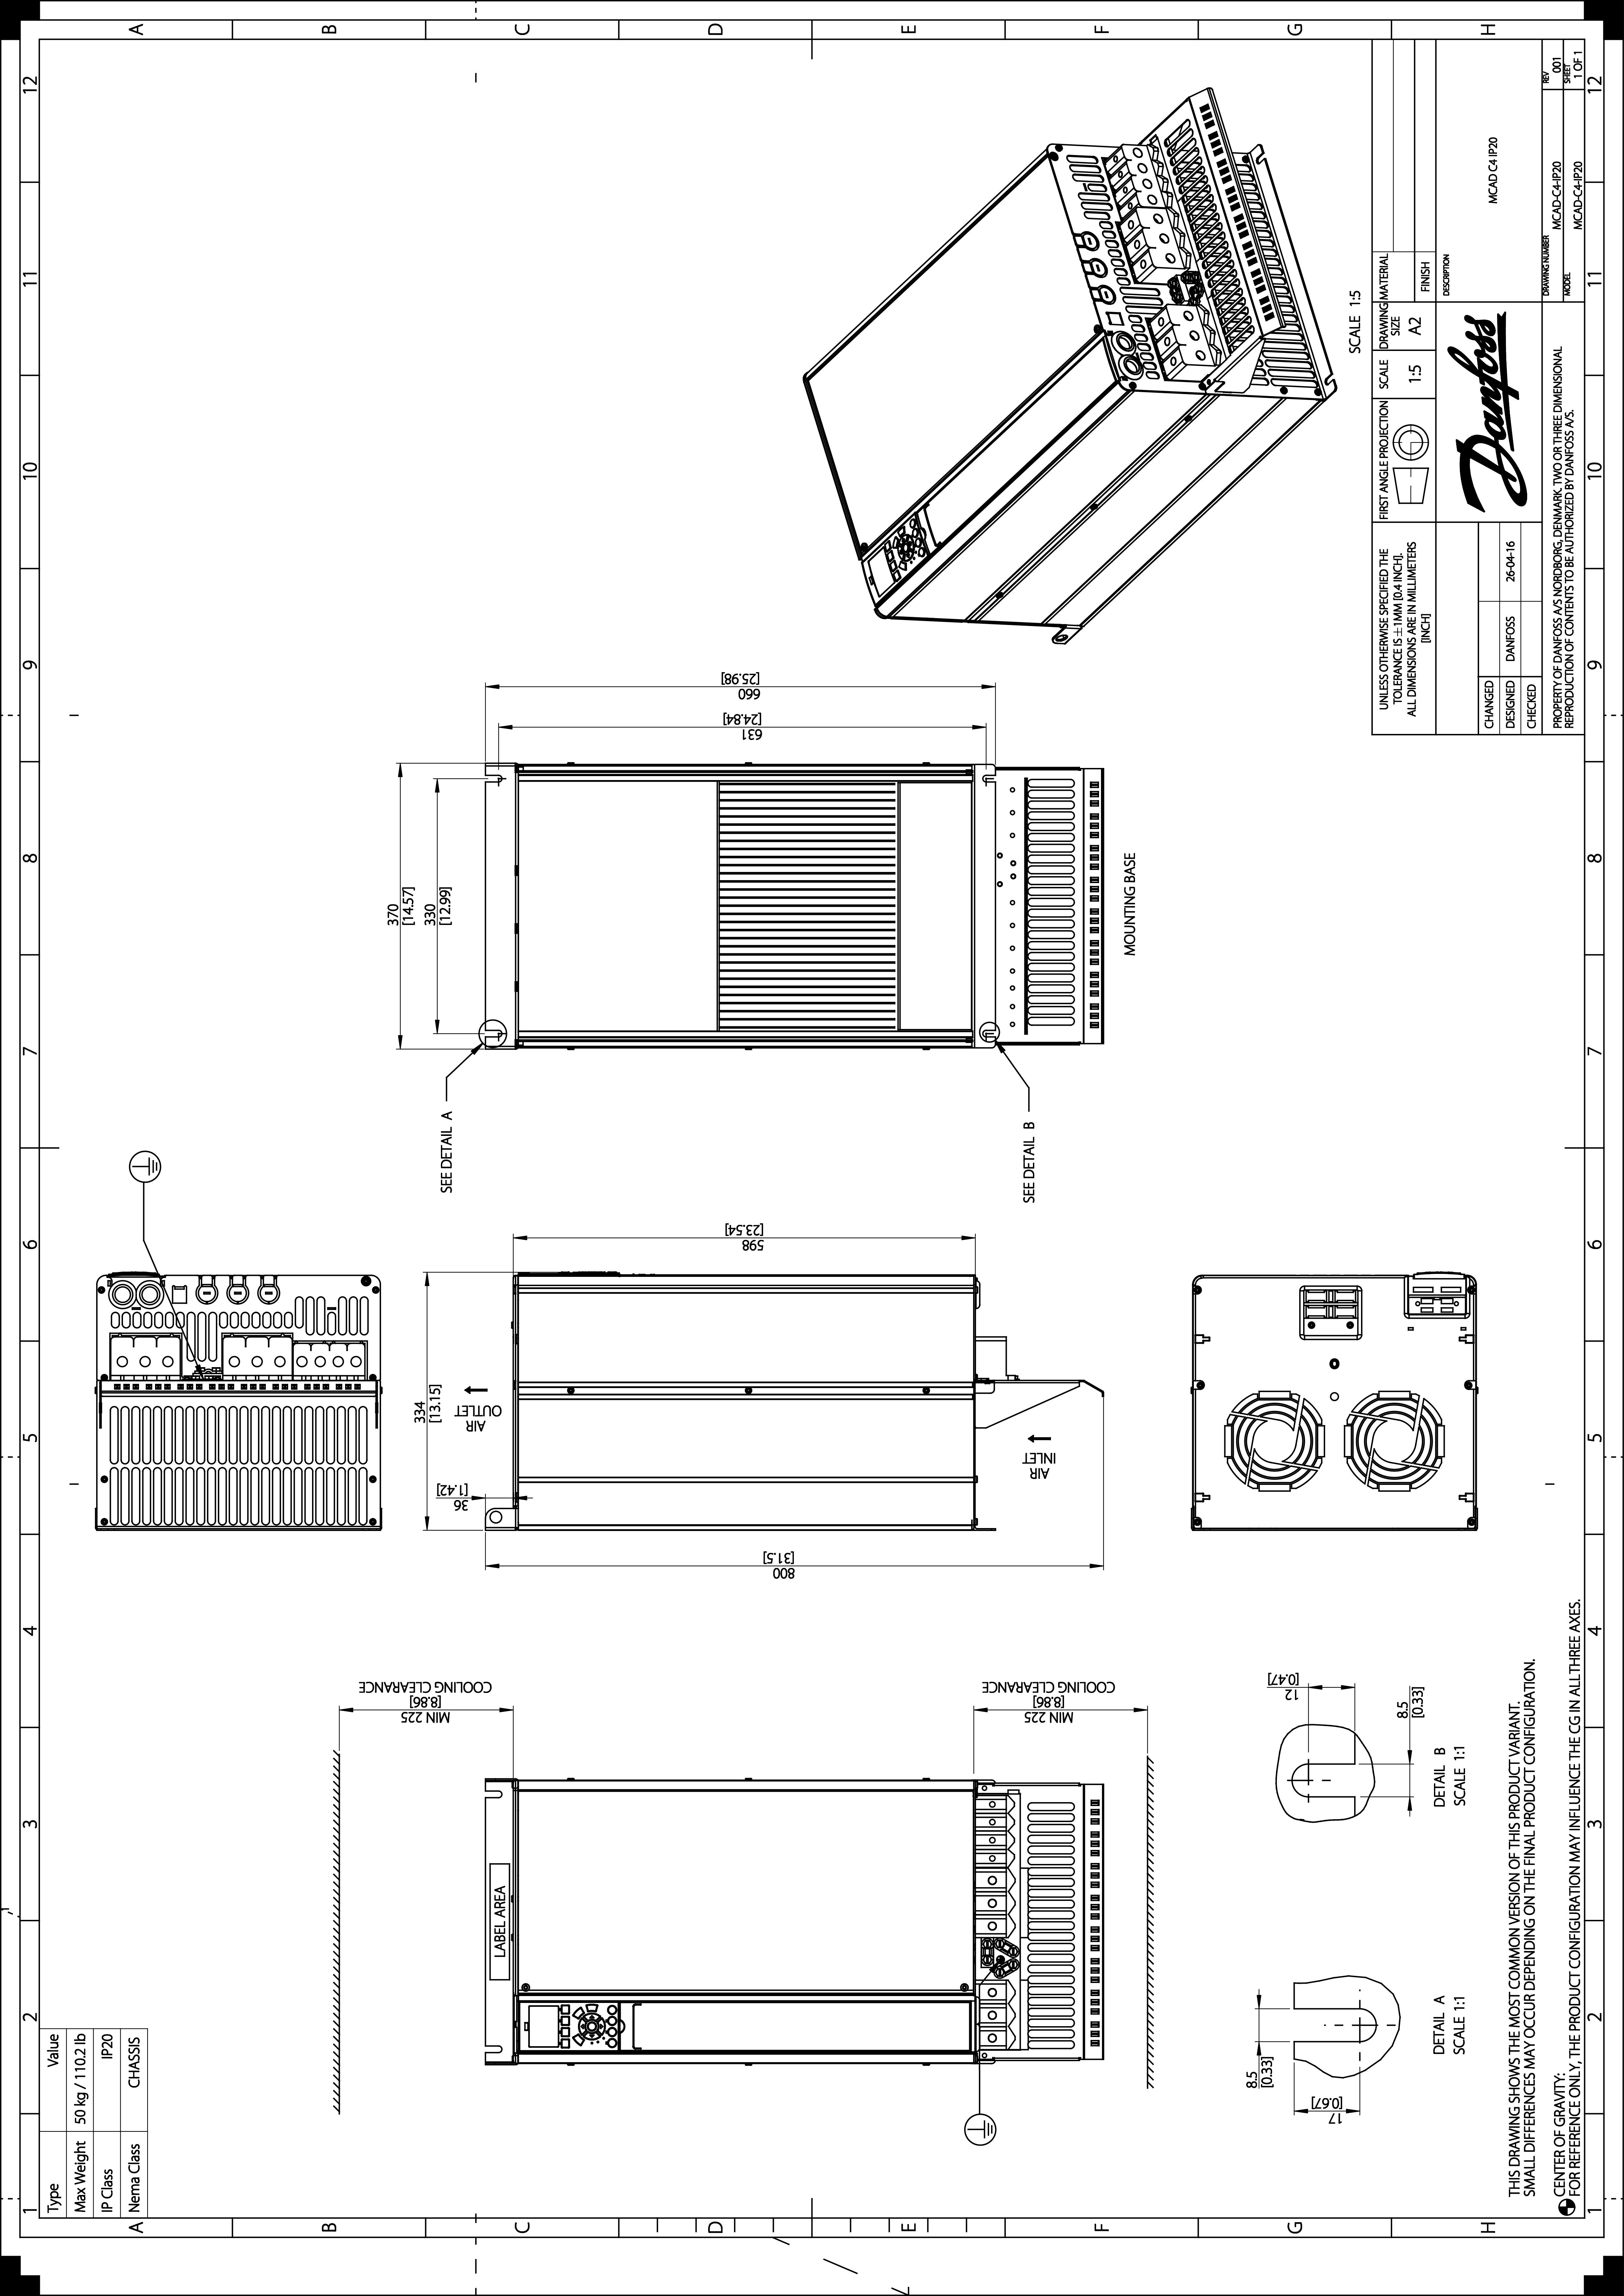 VLT® AQUA Drive FC 202 | Danfoss on